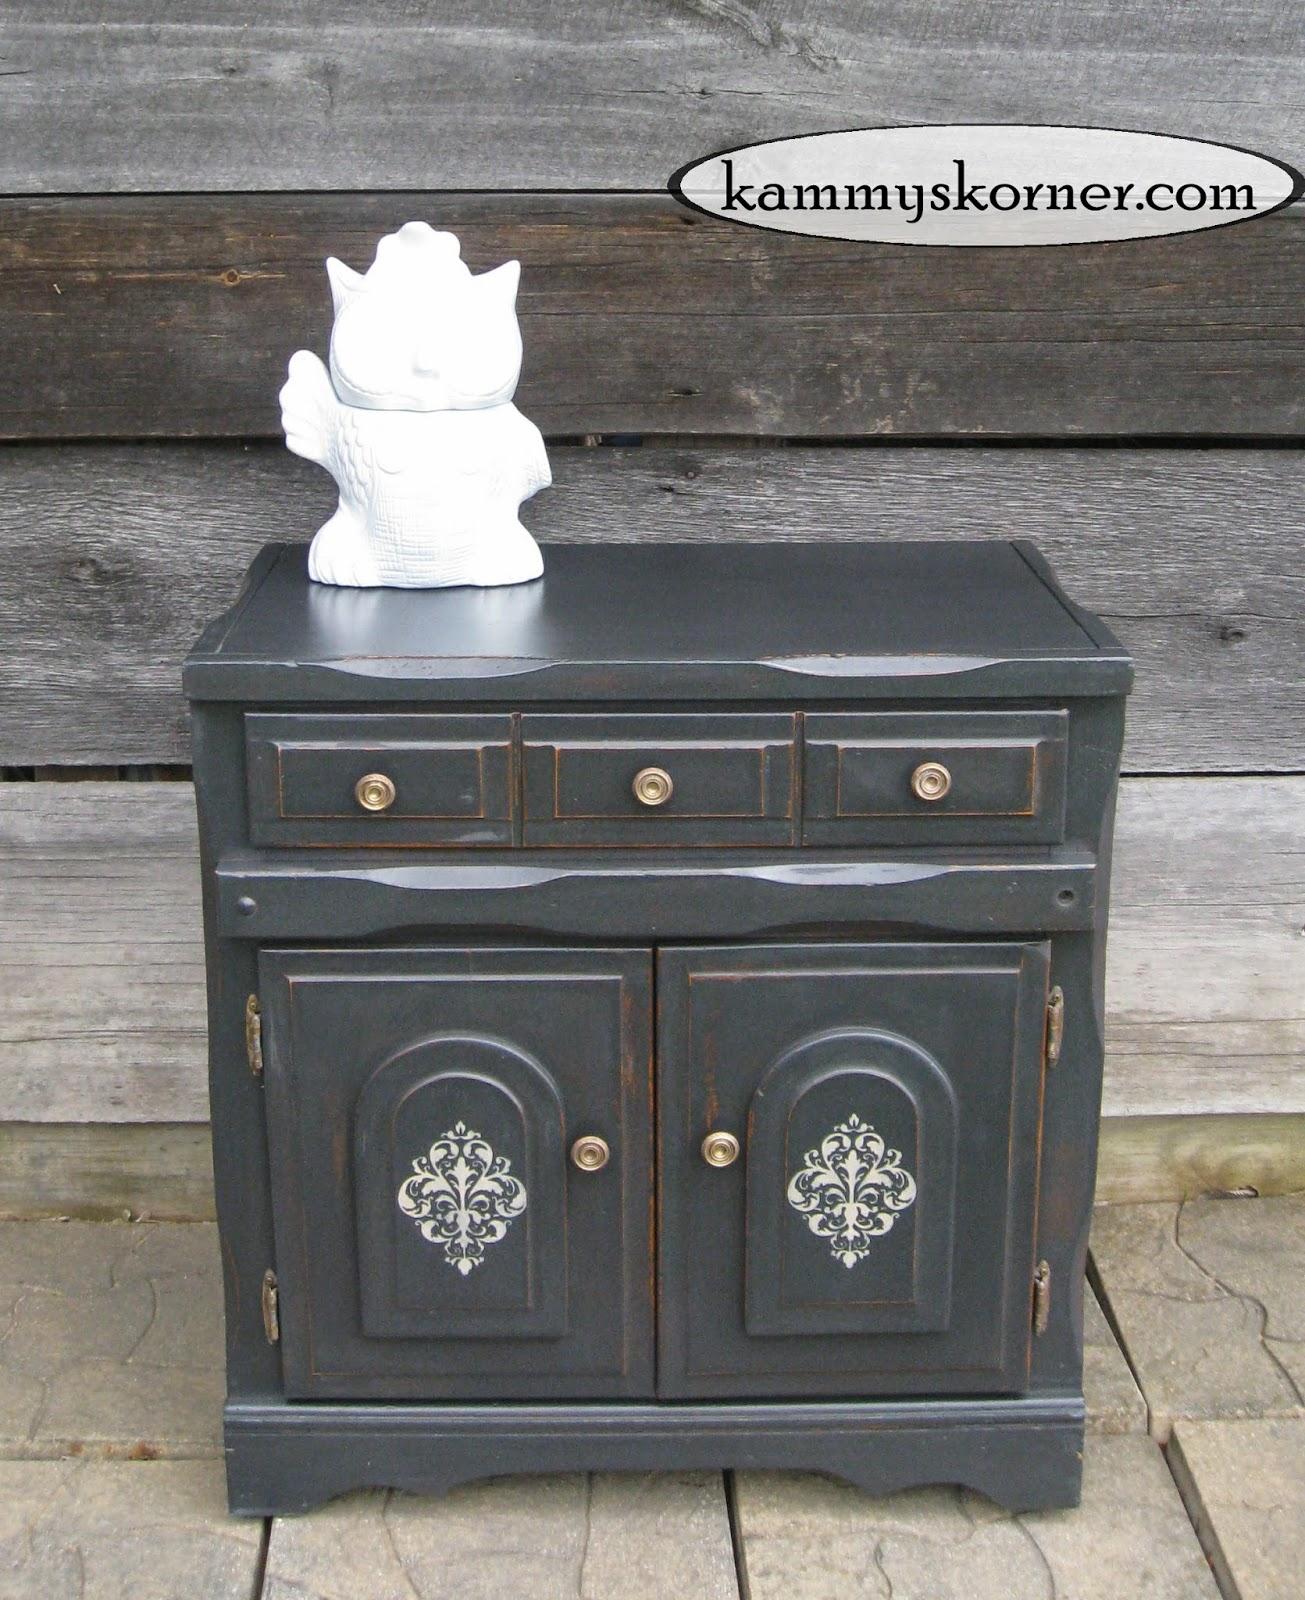 Kammy's Korner: Charcoal Black Cabinet {Distressed Chalk